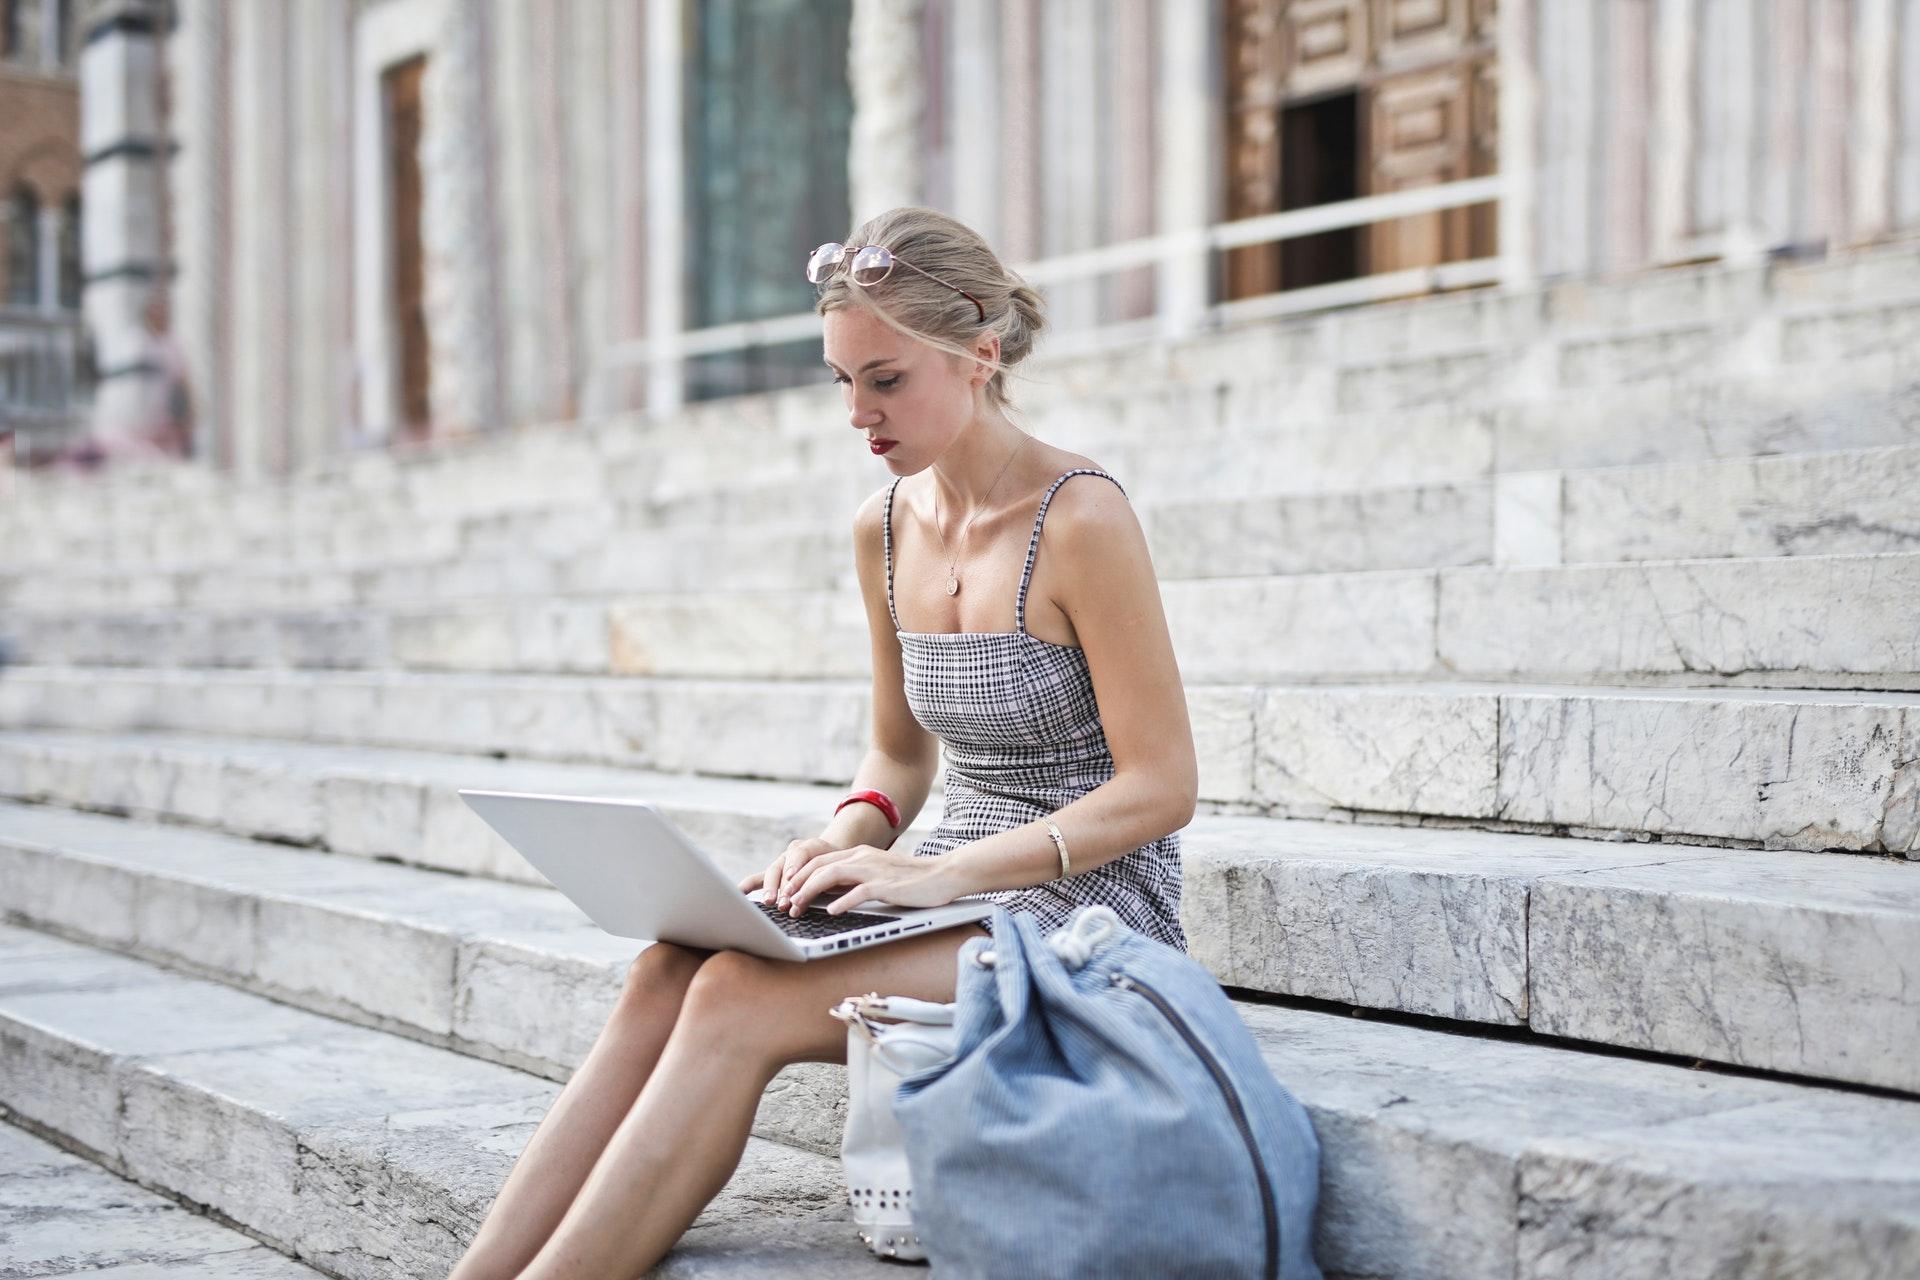 bag-computer-dress-2098182.jpg